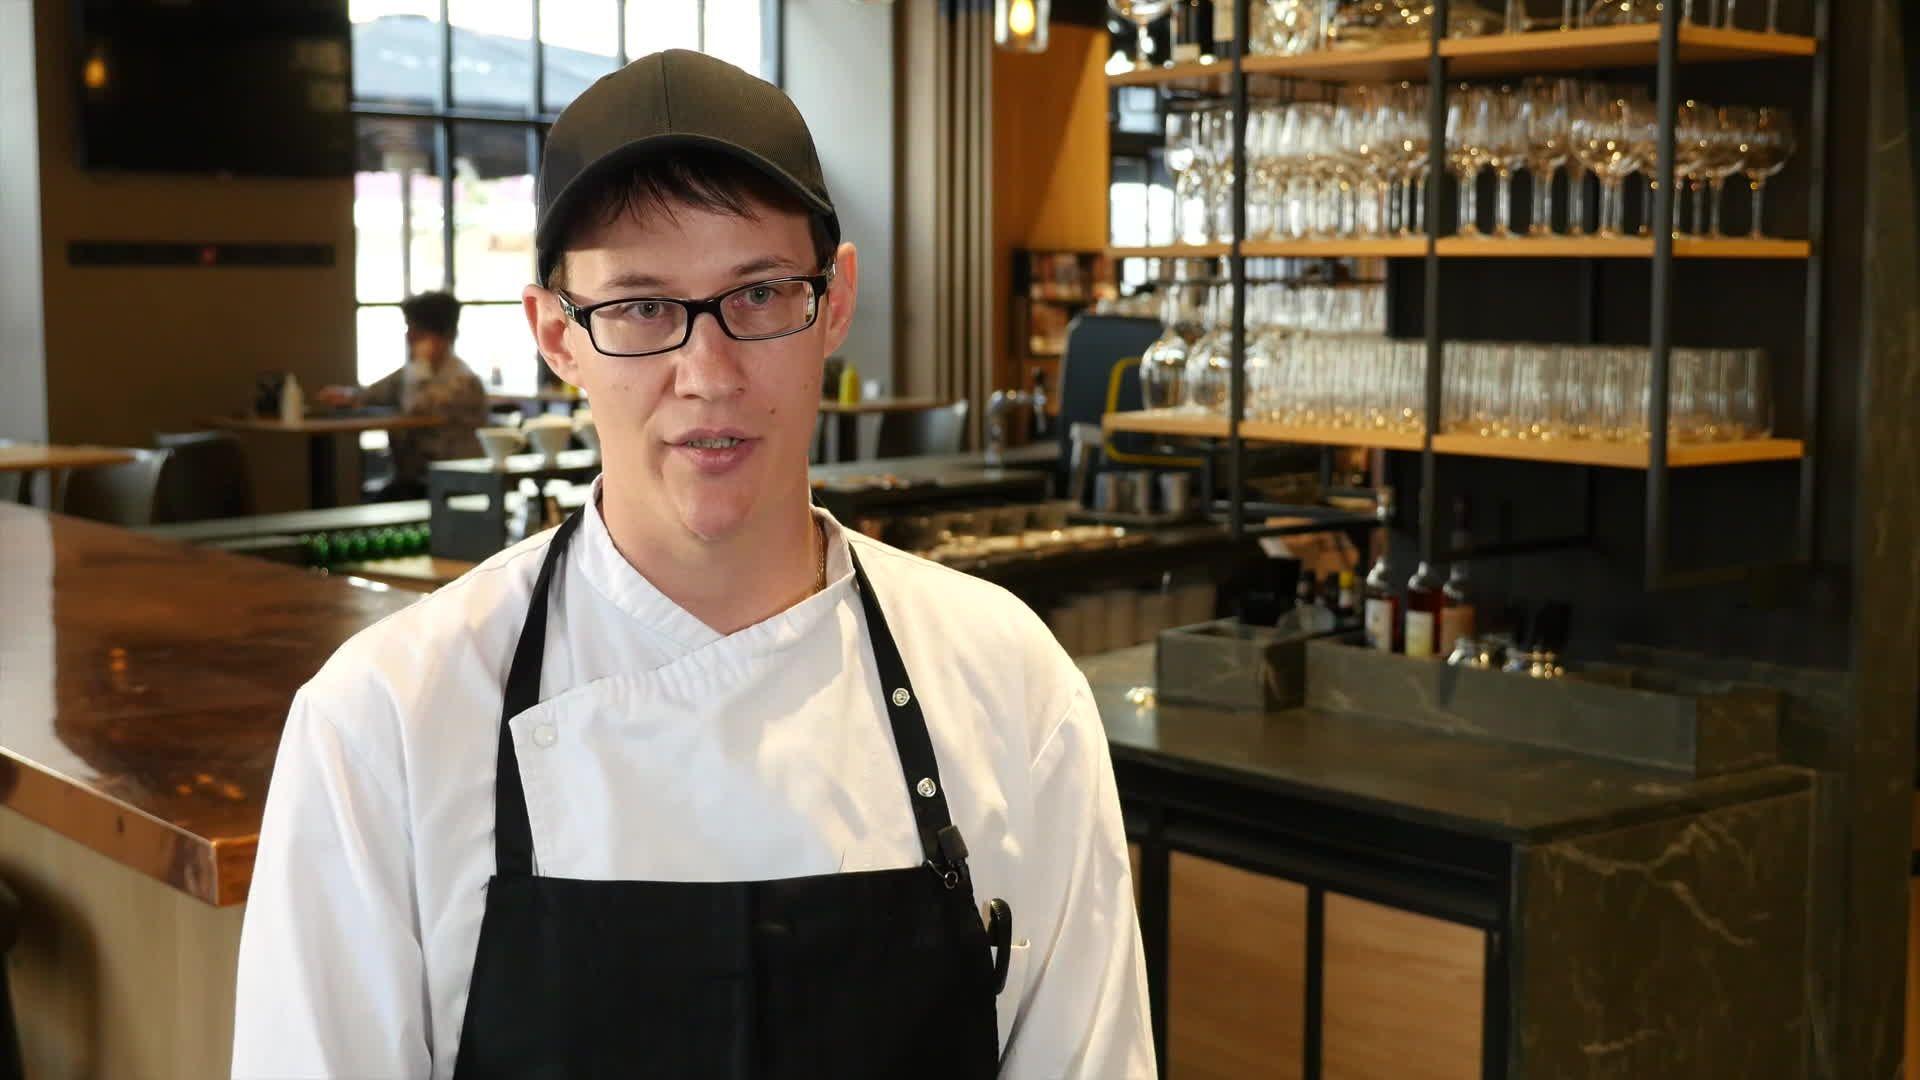 Stefan Scheichenstein, Stellvertretender Küchenchef Ströck whatchado